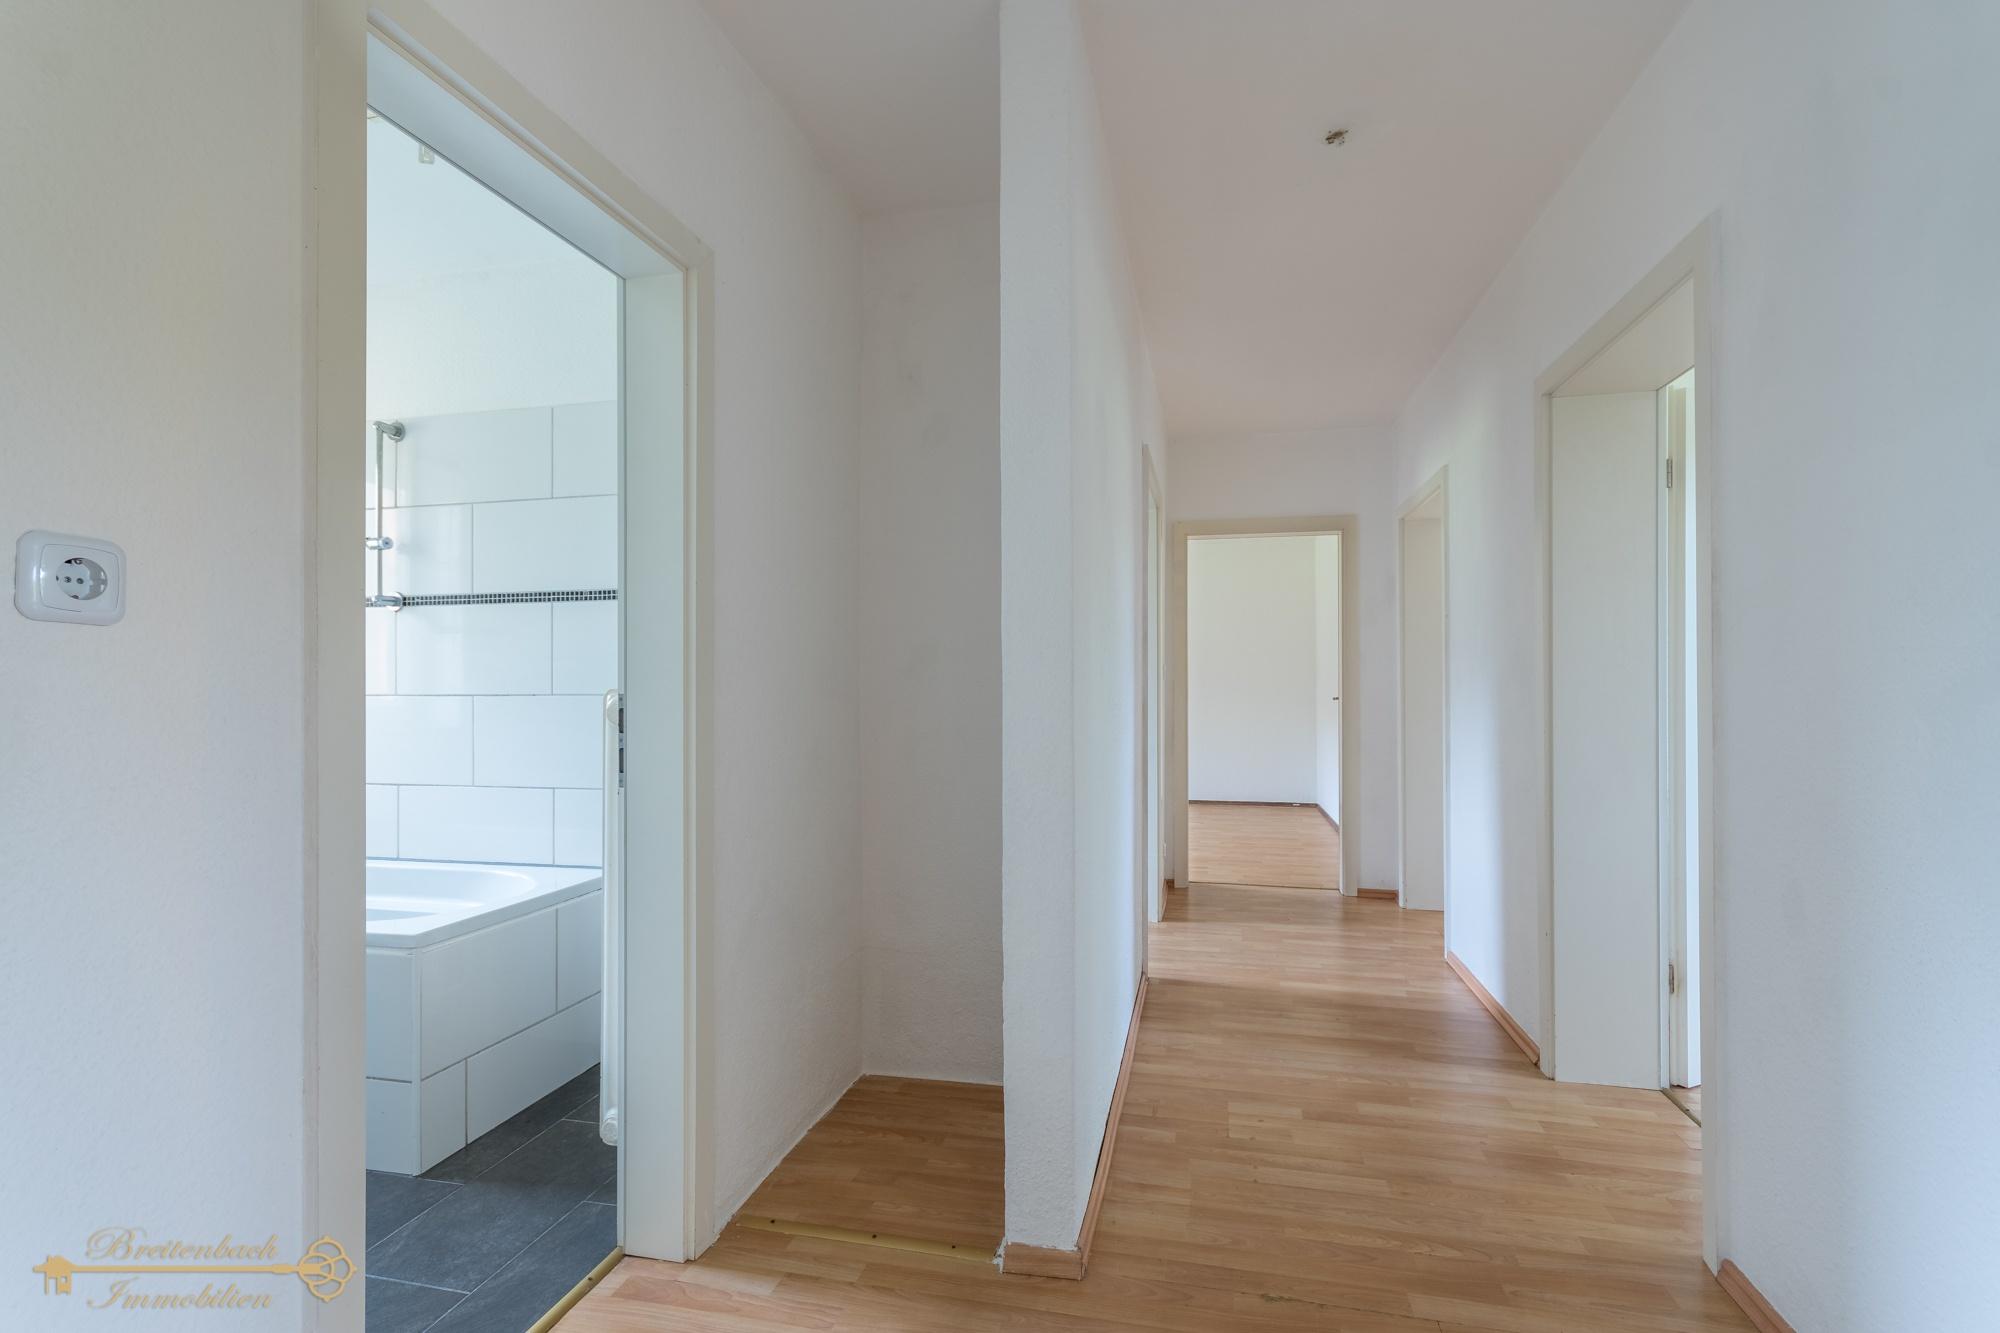 2020-09-26-Breitenbach-Immobilien-5